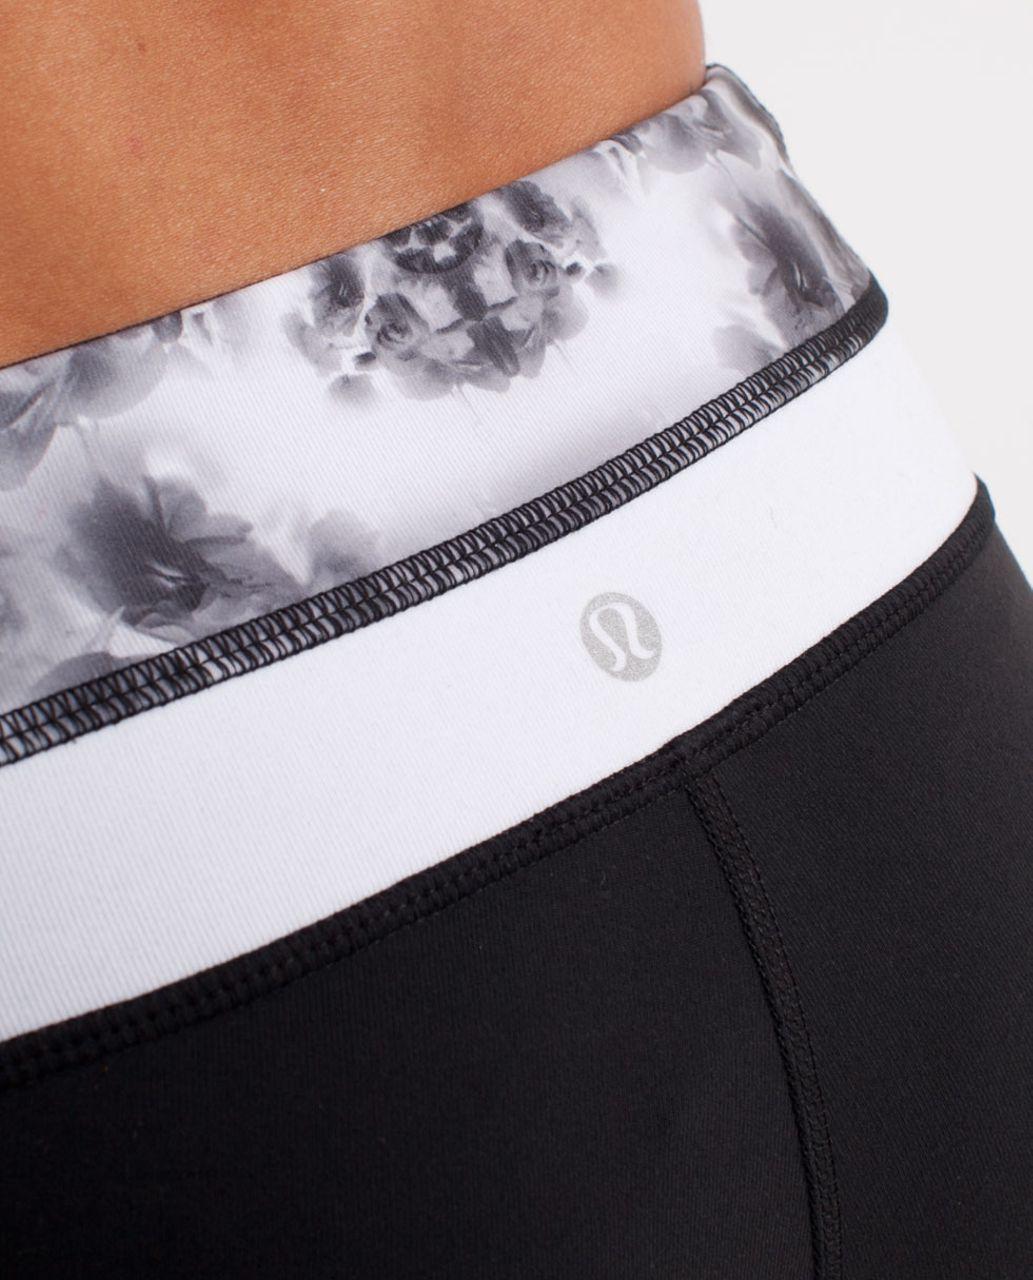 Lululemon Groove Pant (Regular) - Black /  Black Roses Print /  White